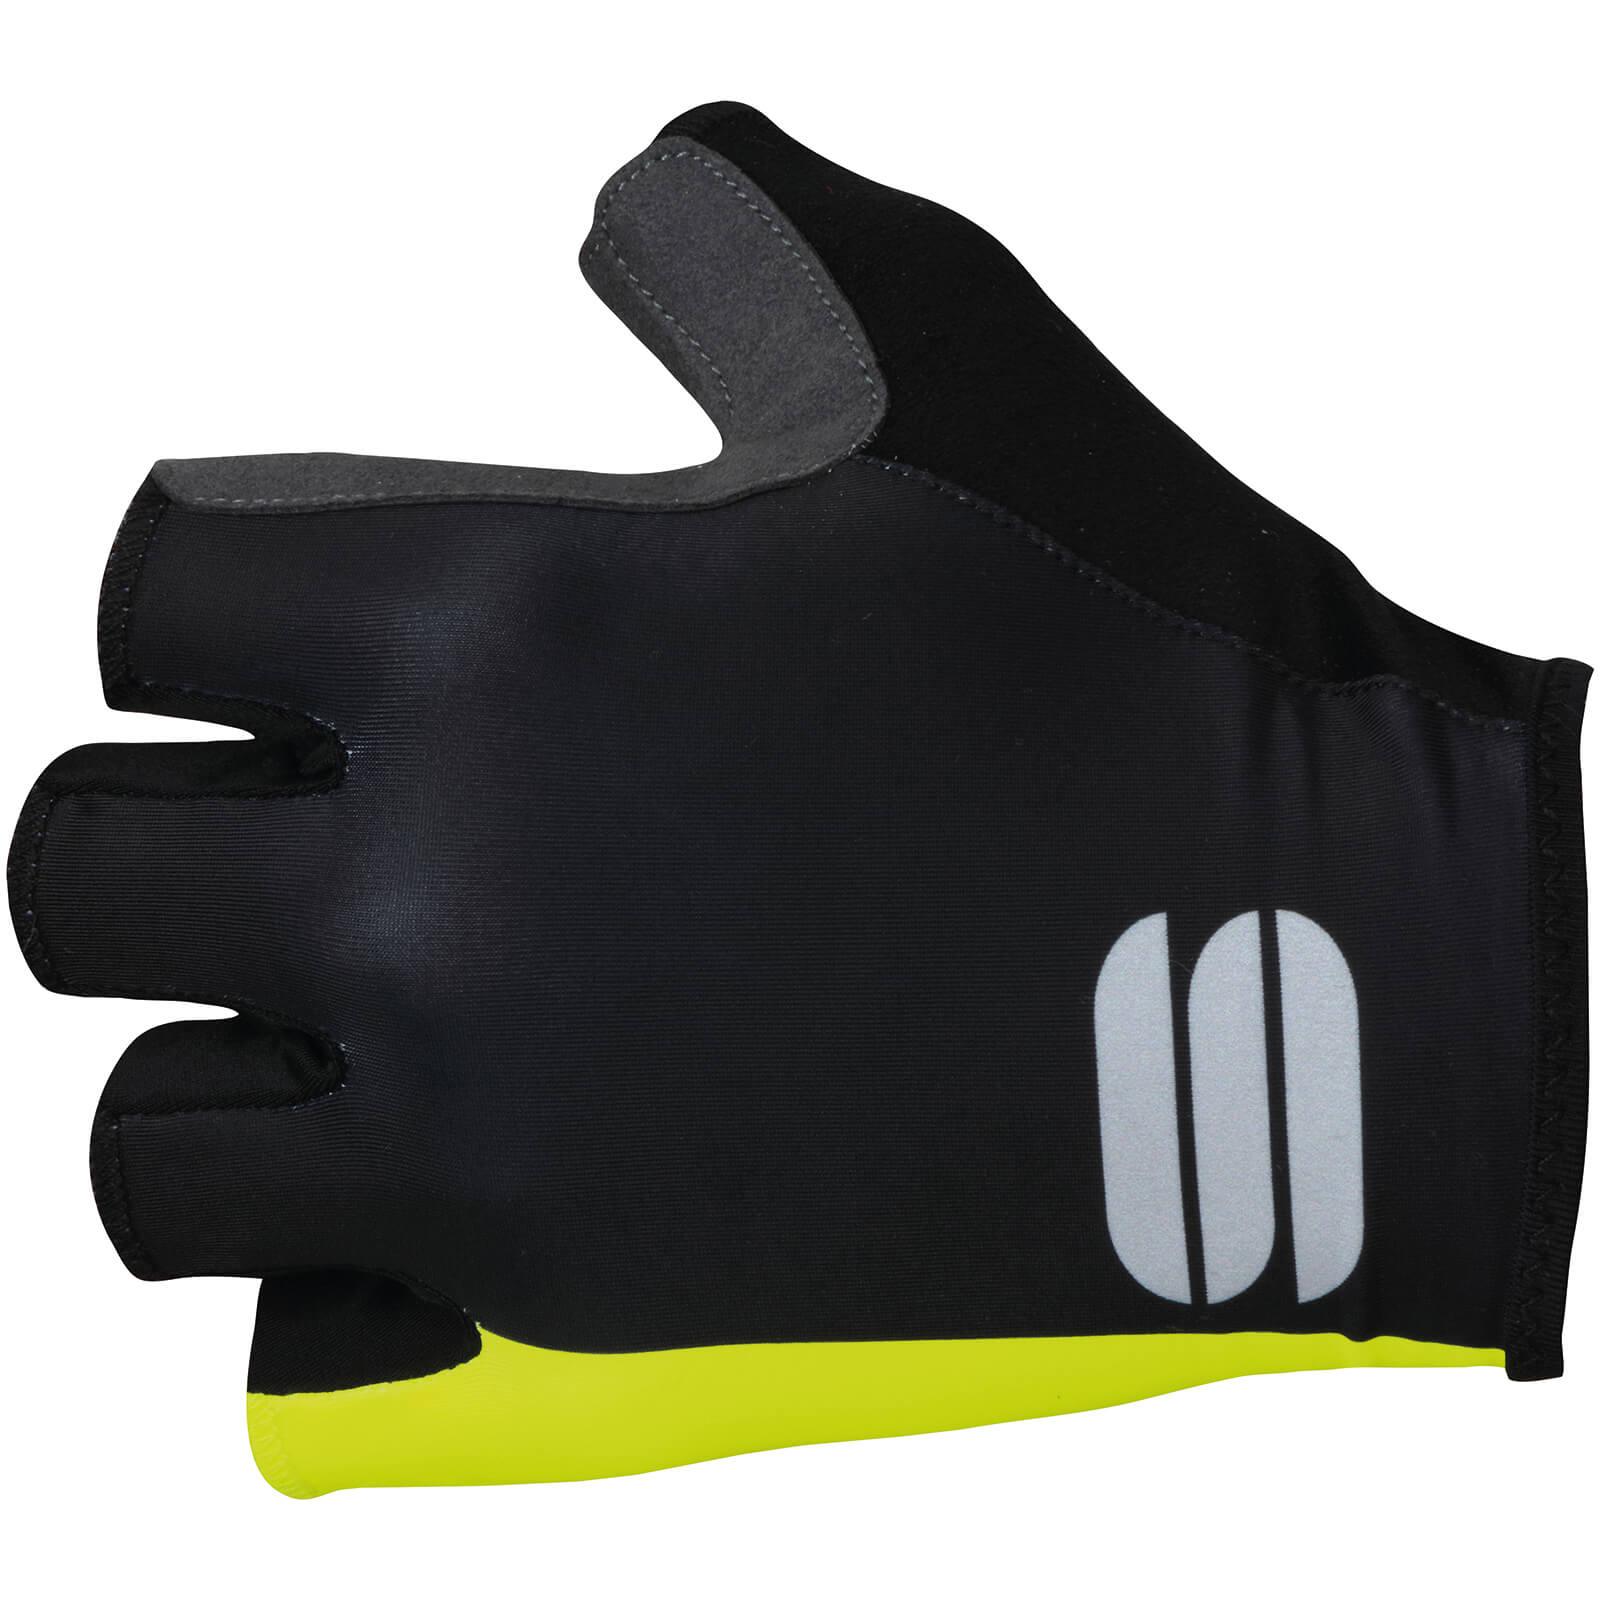 Sportful BodyFit Pro Gloves - L - Dark Grey/Red